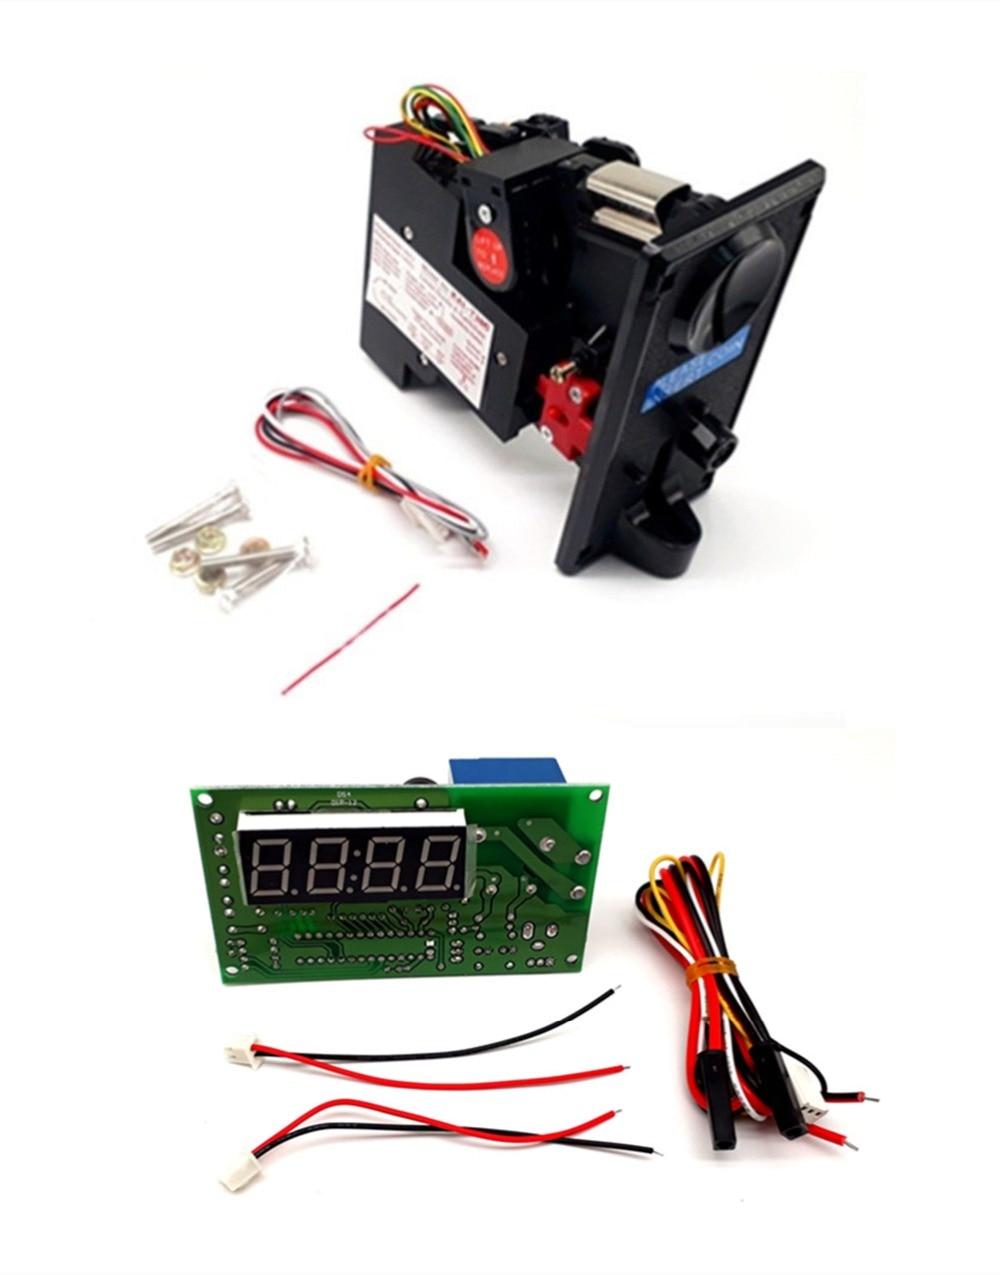 Plastik pelat depan KAI-738 CPU koin dioperasikan sistem kontrol waktu koin akseptor selektor dengan JY-15A 4 digit papan waktu